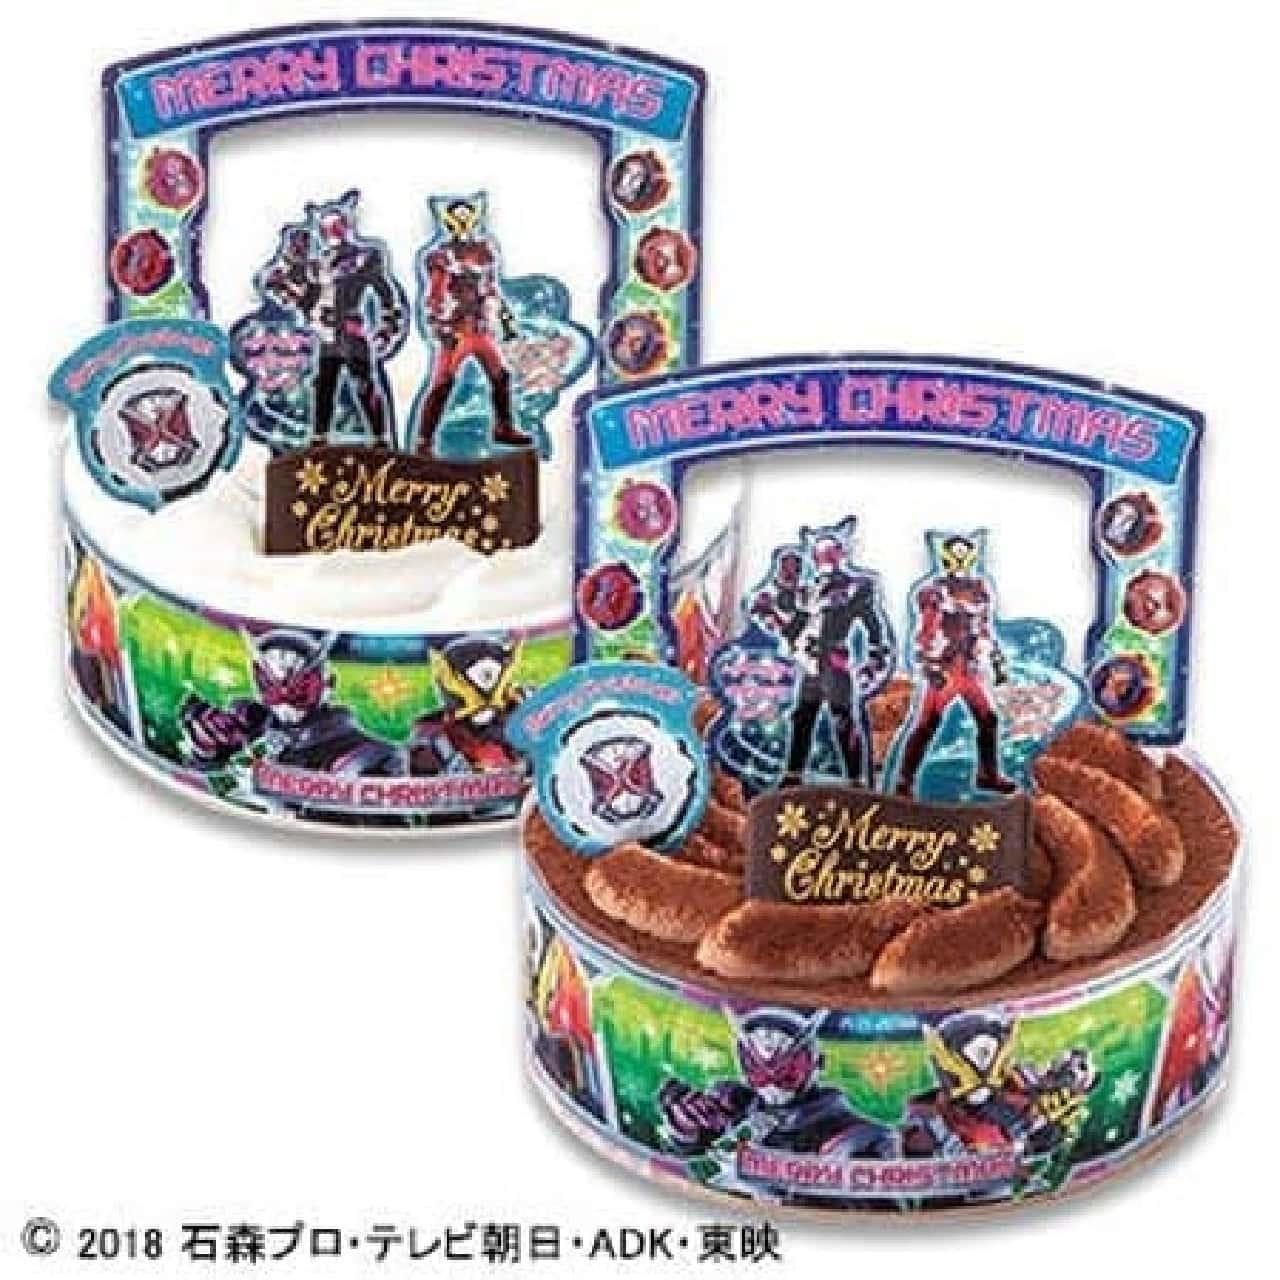 不二家「キャラデコクリスマス 仮面ライダージオウ チョコレートケーキ」